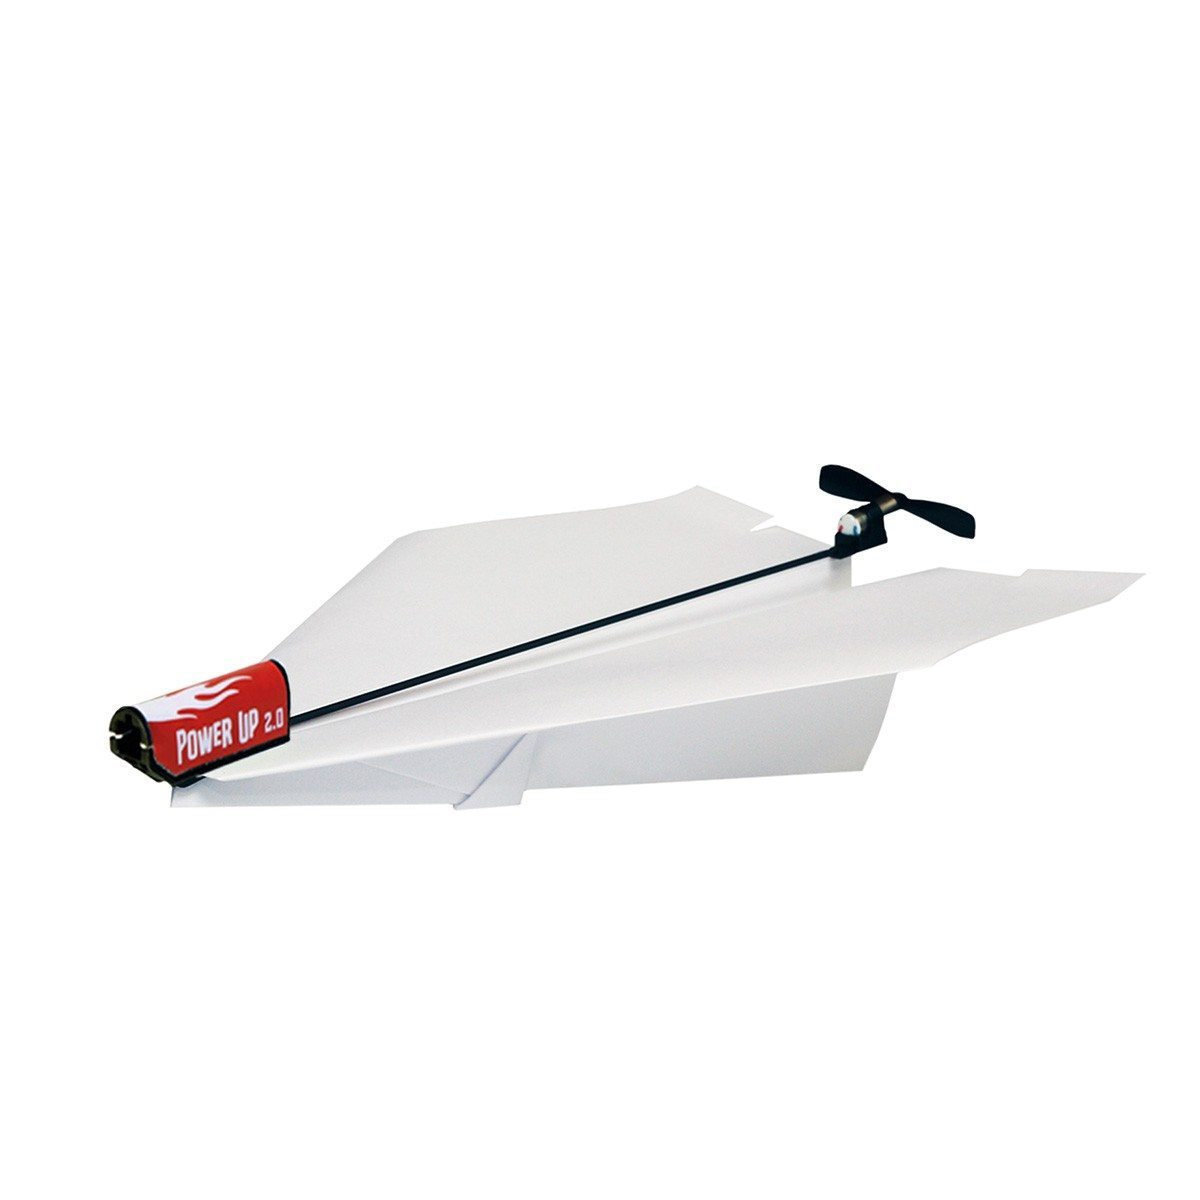 Motor til papirfly